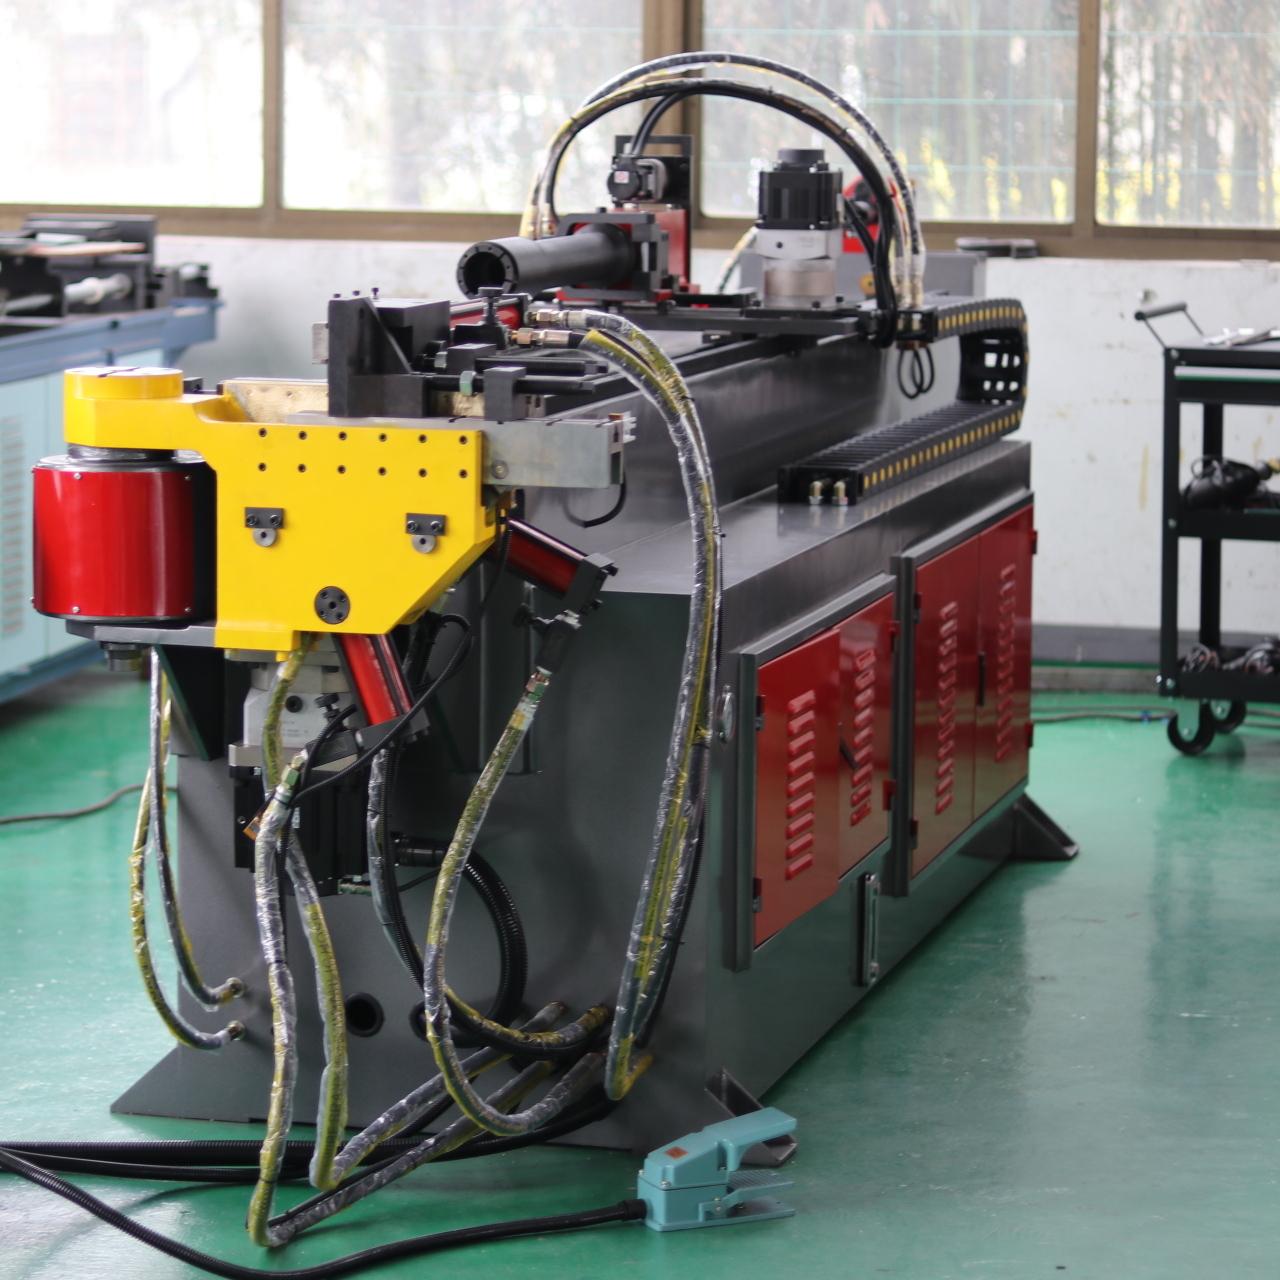 全自动弯管机DW38CNC-3AX1S